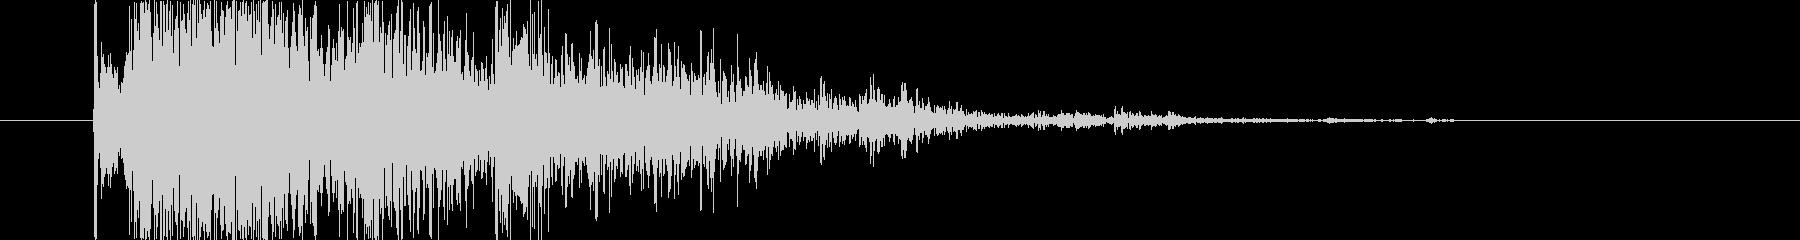 ブレーク ウッドミディアム03の未再生の波形